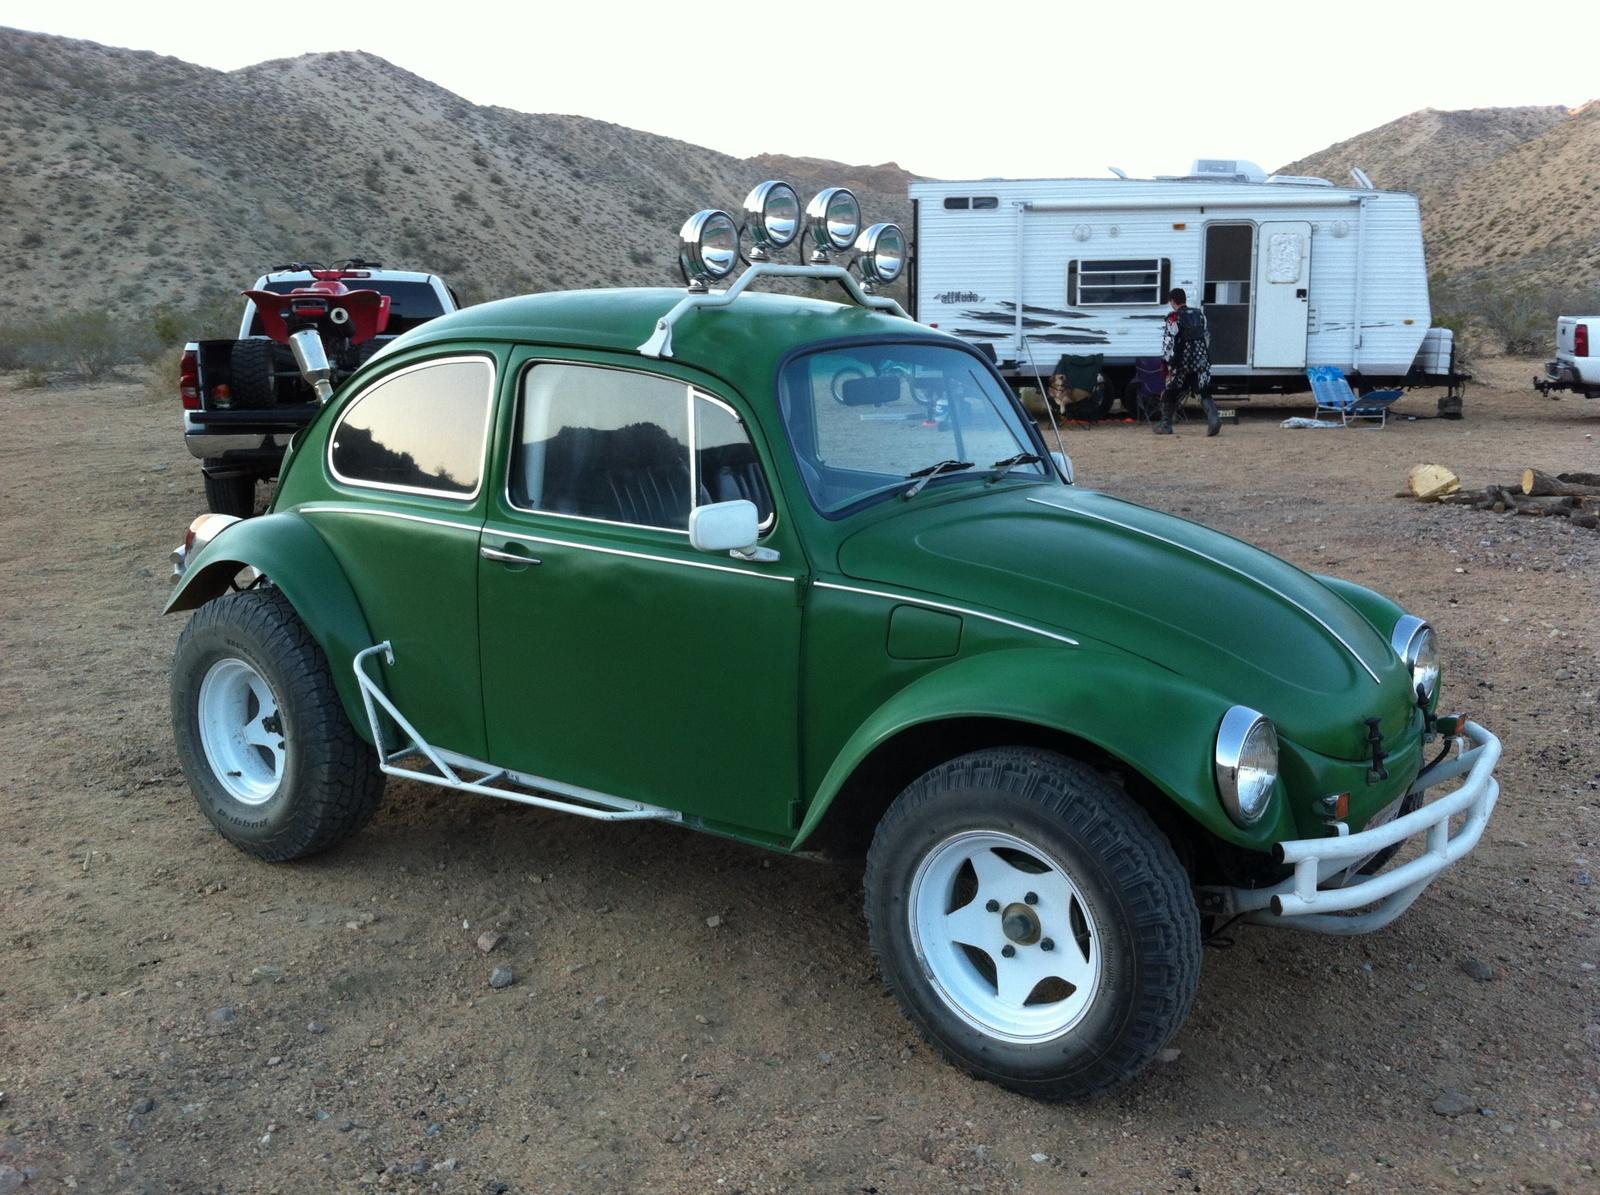 1969 Volkswagen Beetle Exterior Pictures Cargurus